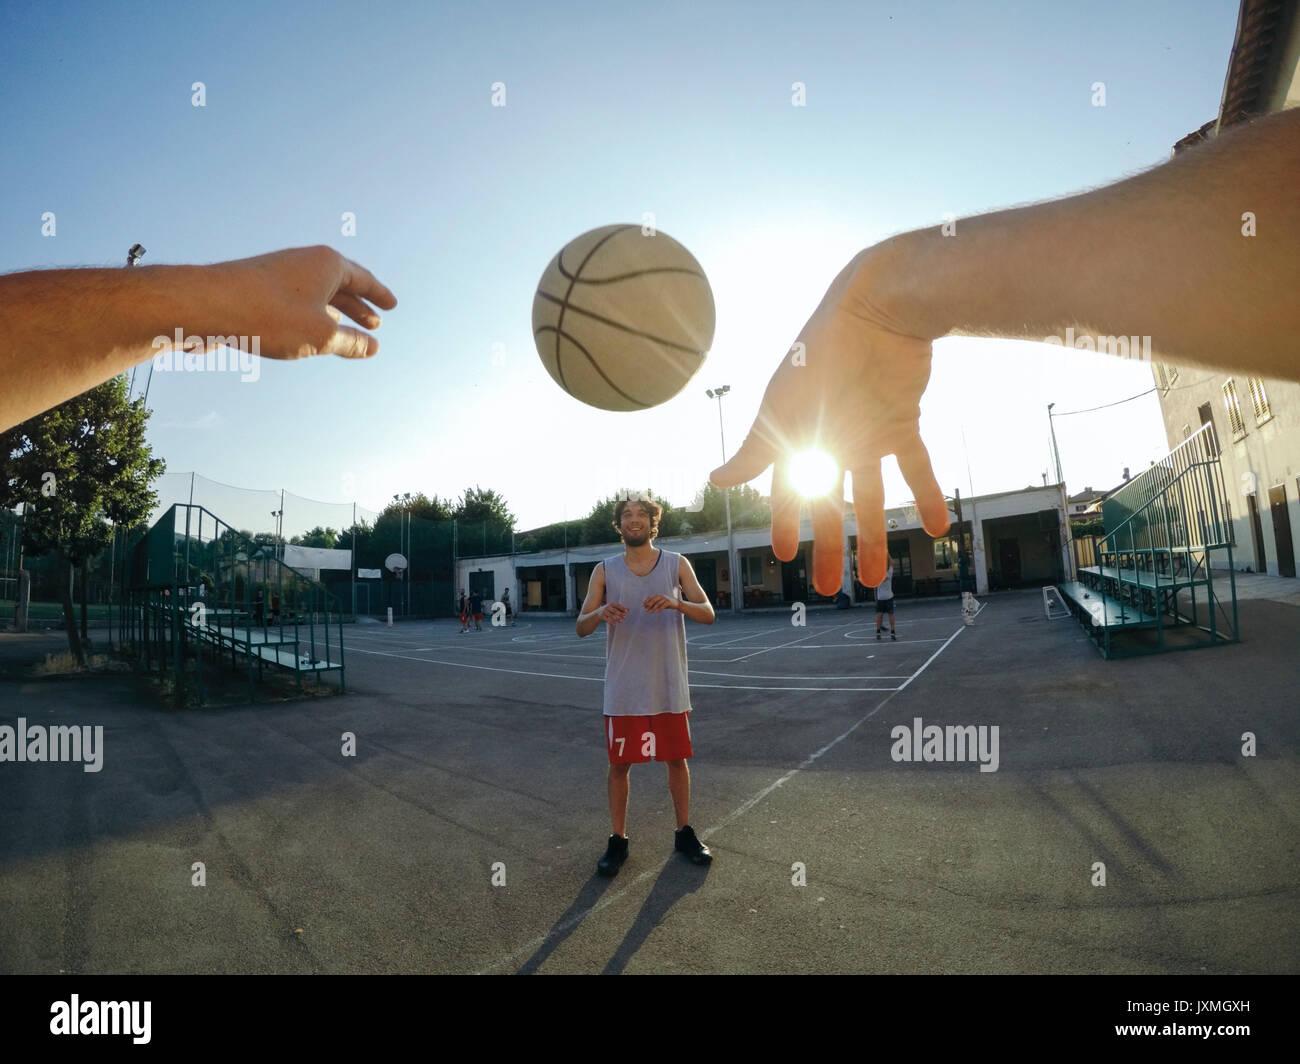 Point de vue, image de l'homme au basket-ball lancer coéquipier Banque D'Images